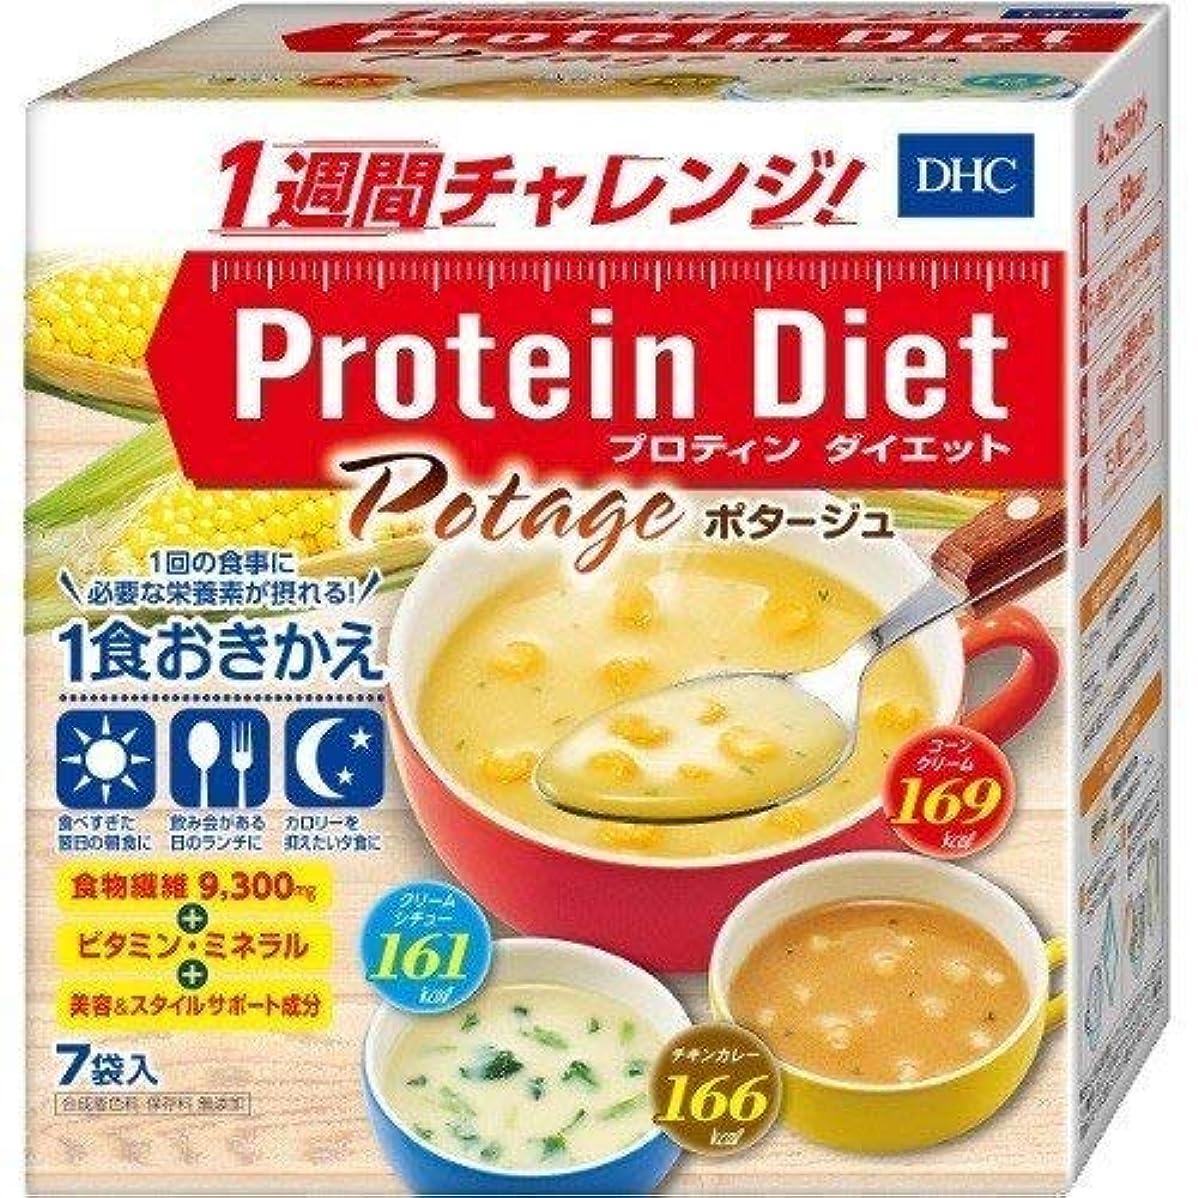 加入寄託焦げDHC 健康食品相談室 DHC プロティンダイエット ポタージュ 7袋入 4511413406366